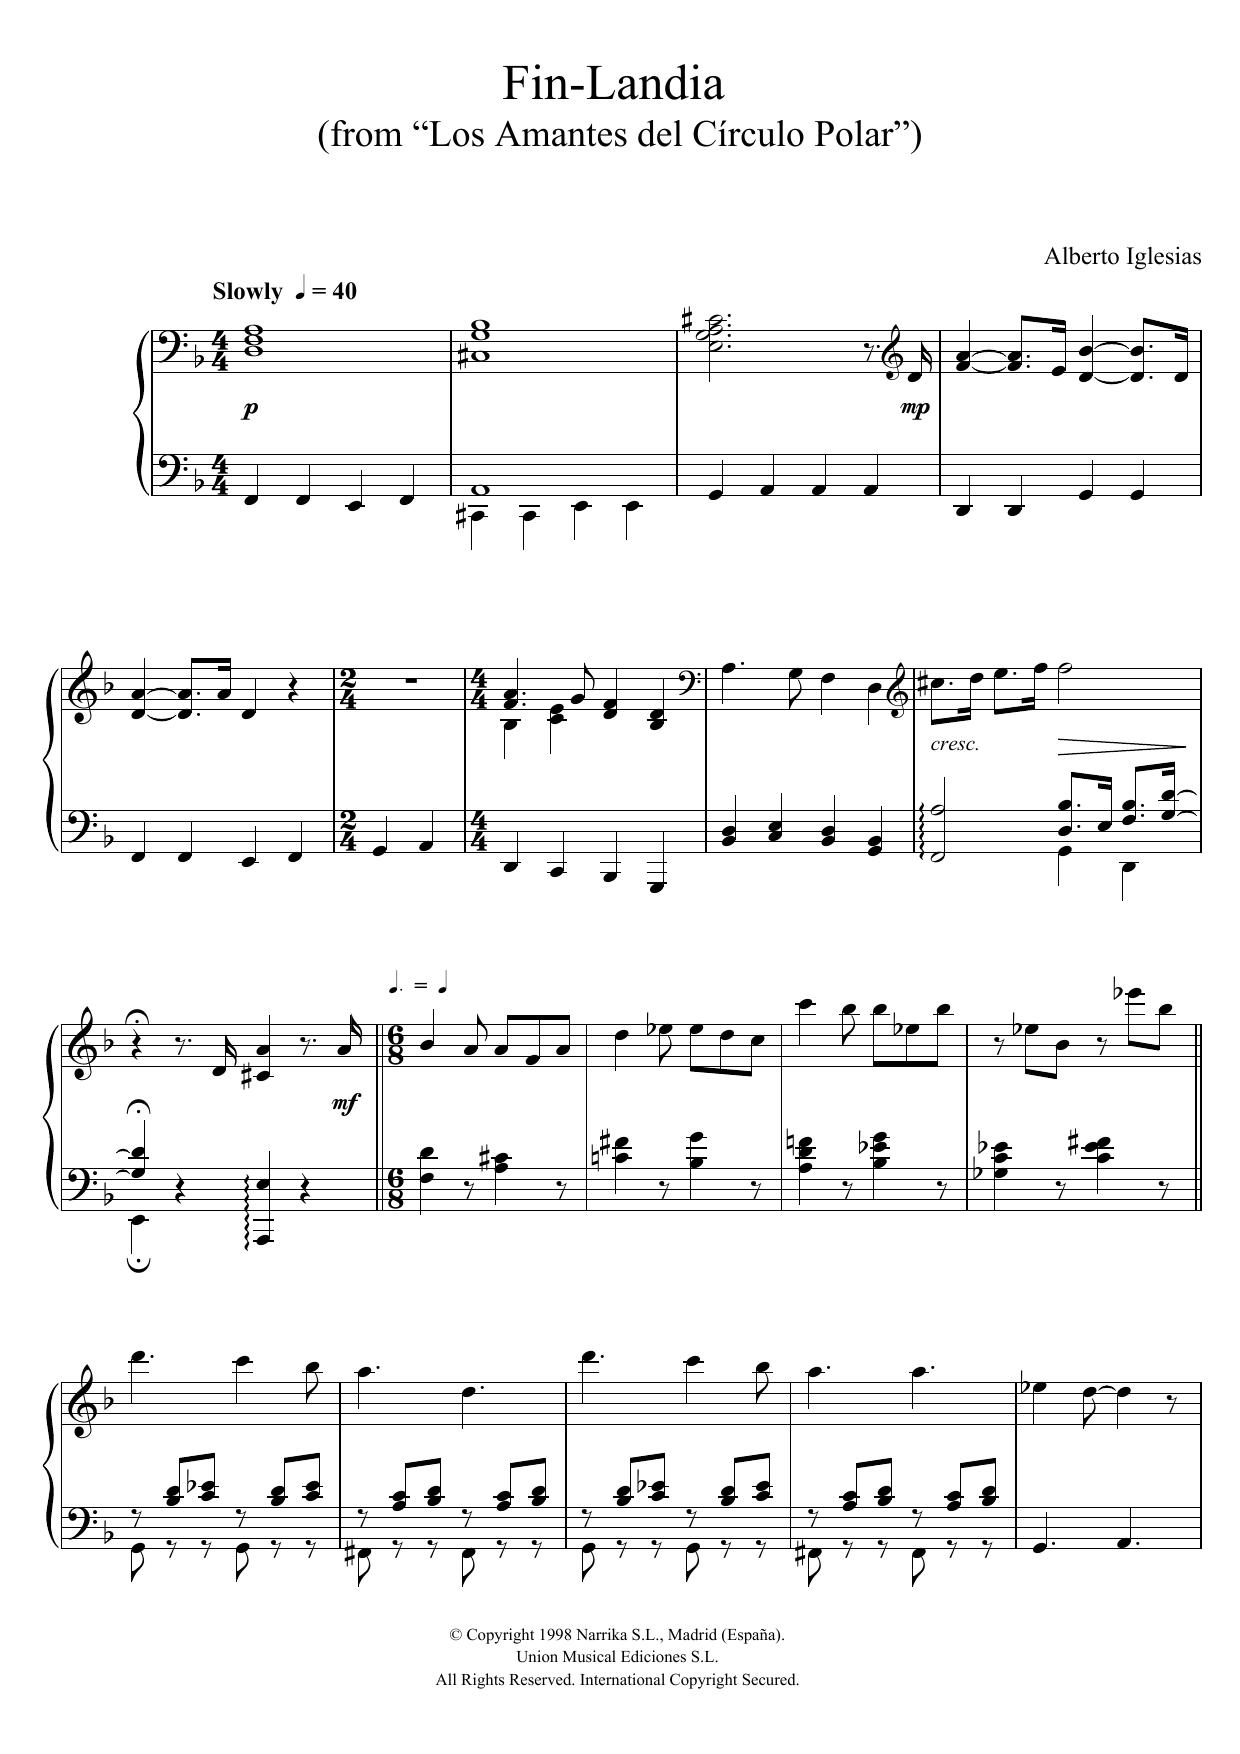 """Alberto Iglesias - Fin-Landia (from """"Los Amantes del Circulo Polar"""")"""